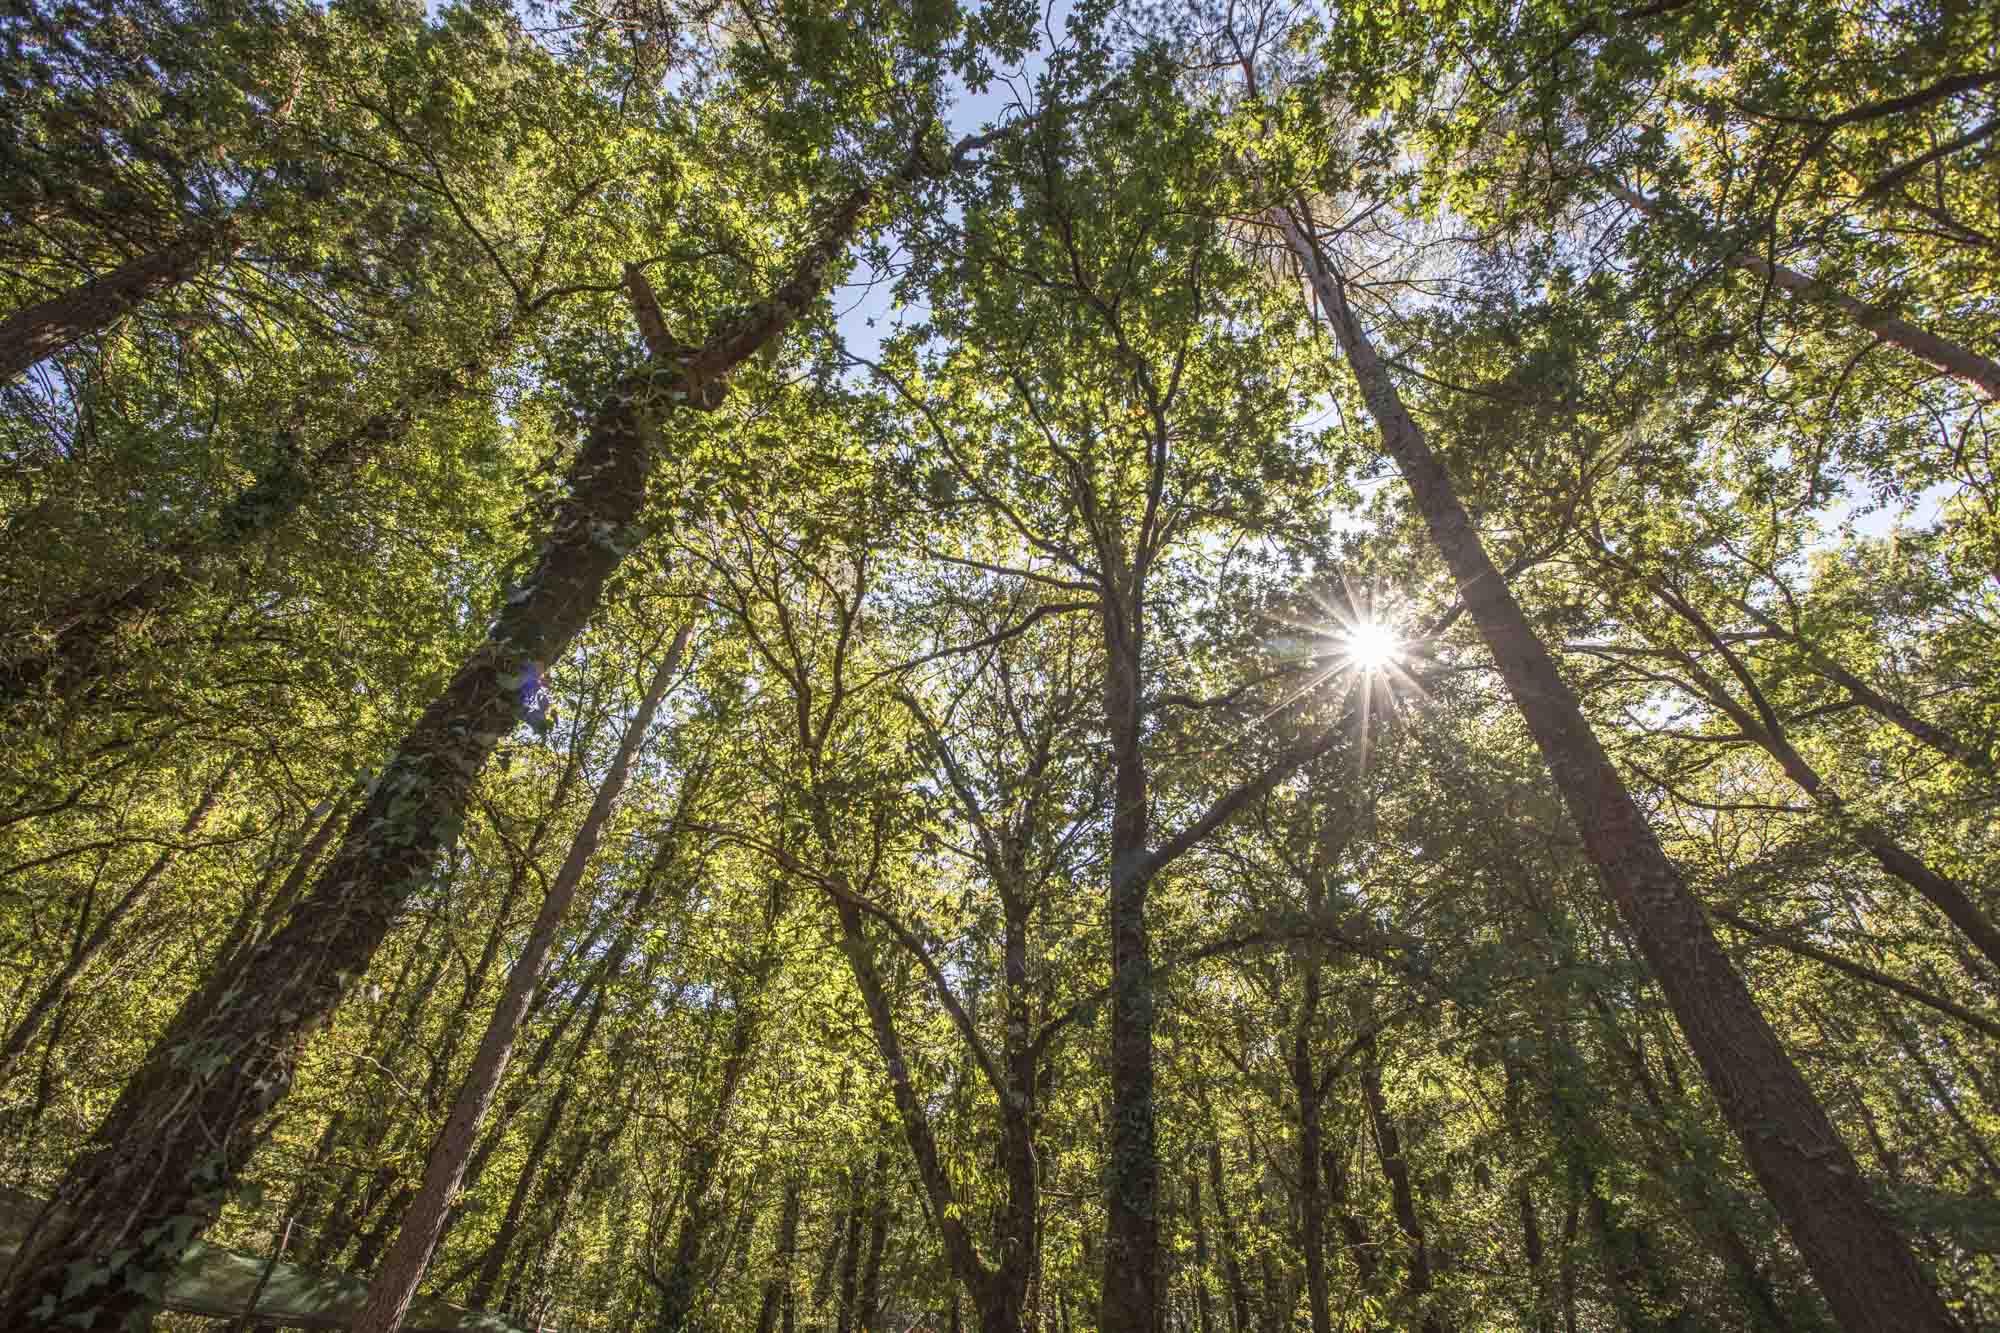 Portugal, Nord-Portugal, Parque Nacional da Peneda Gerês, Nationalpark, Serra do Geres, Wald